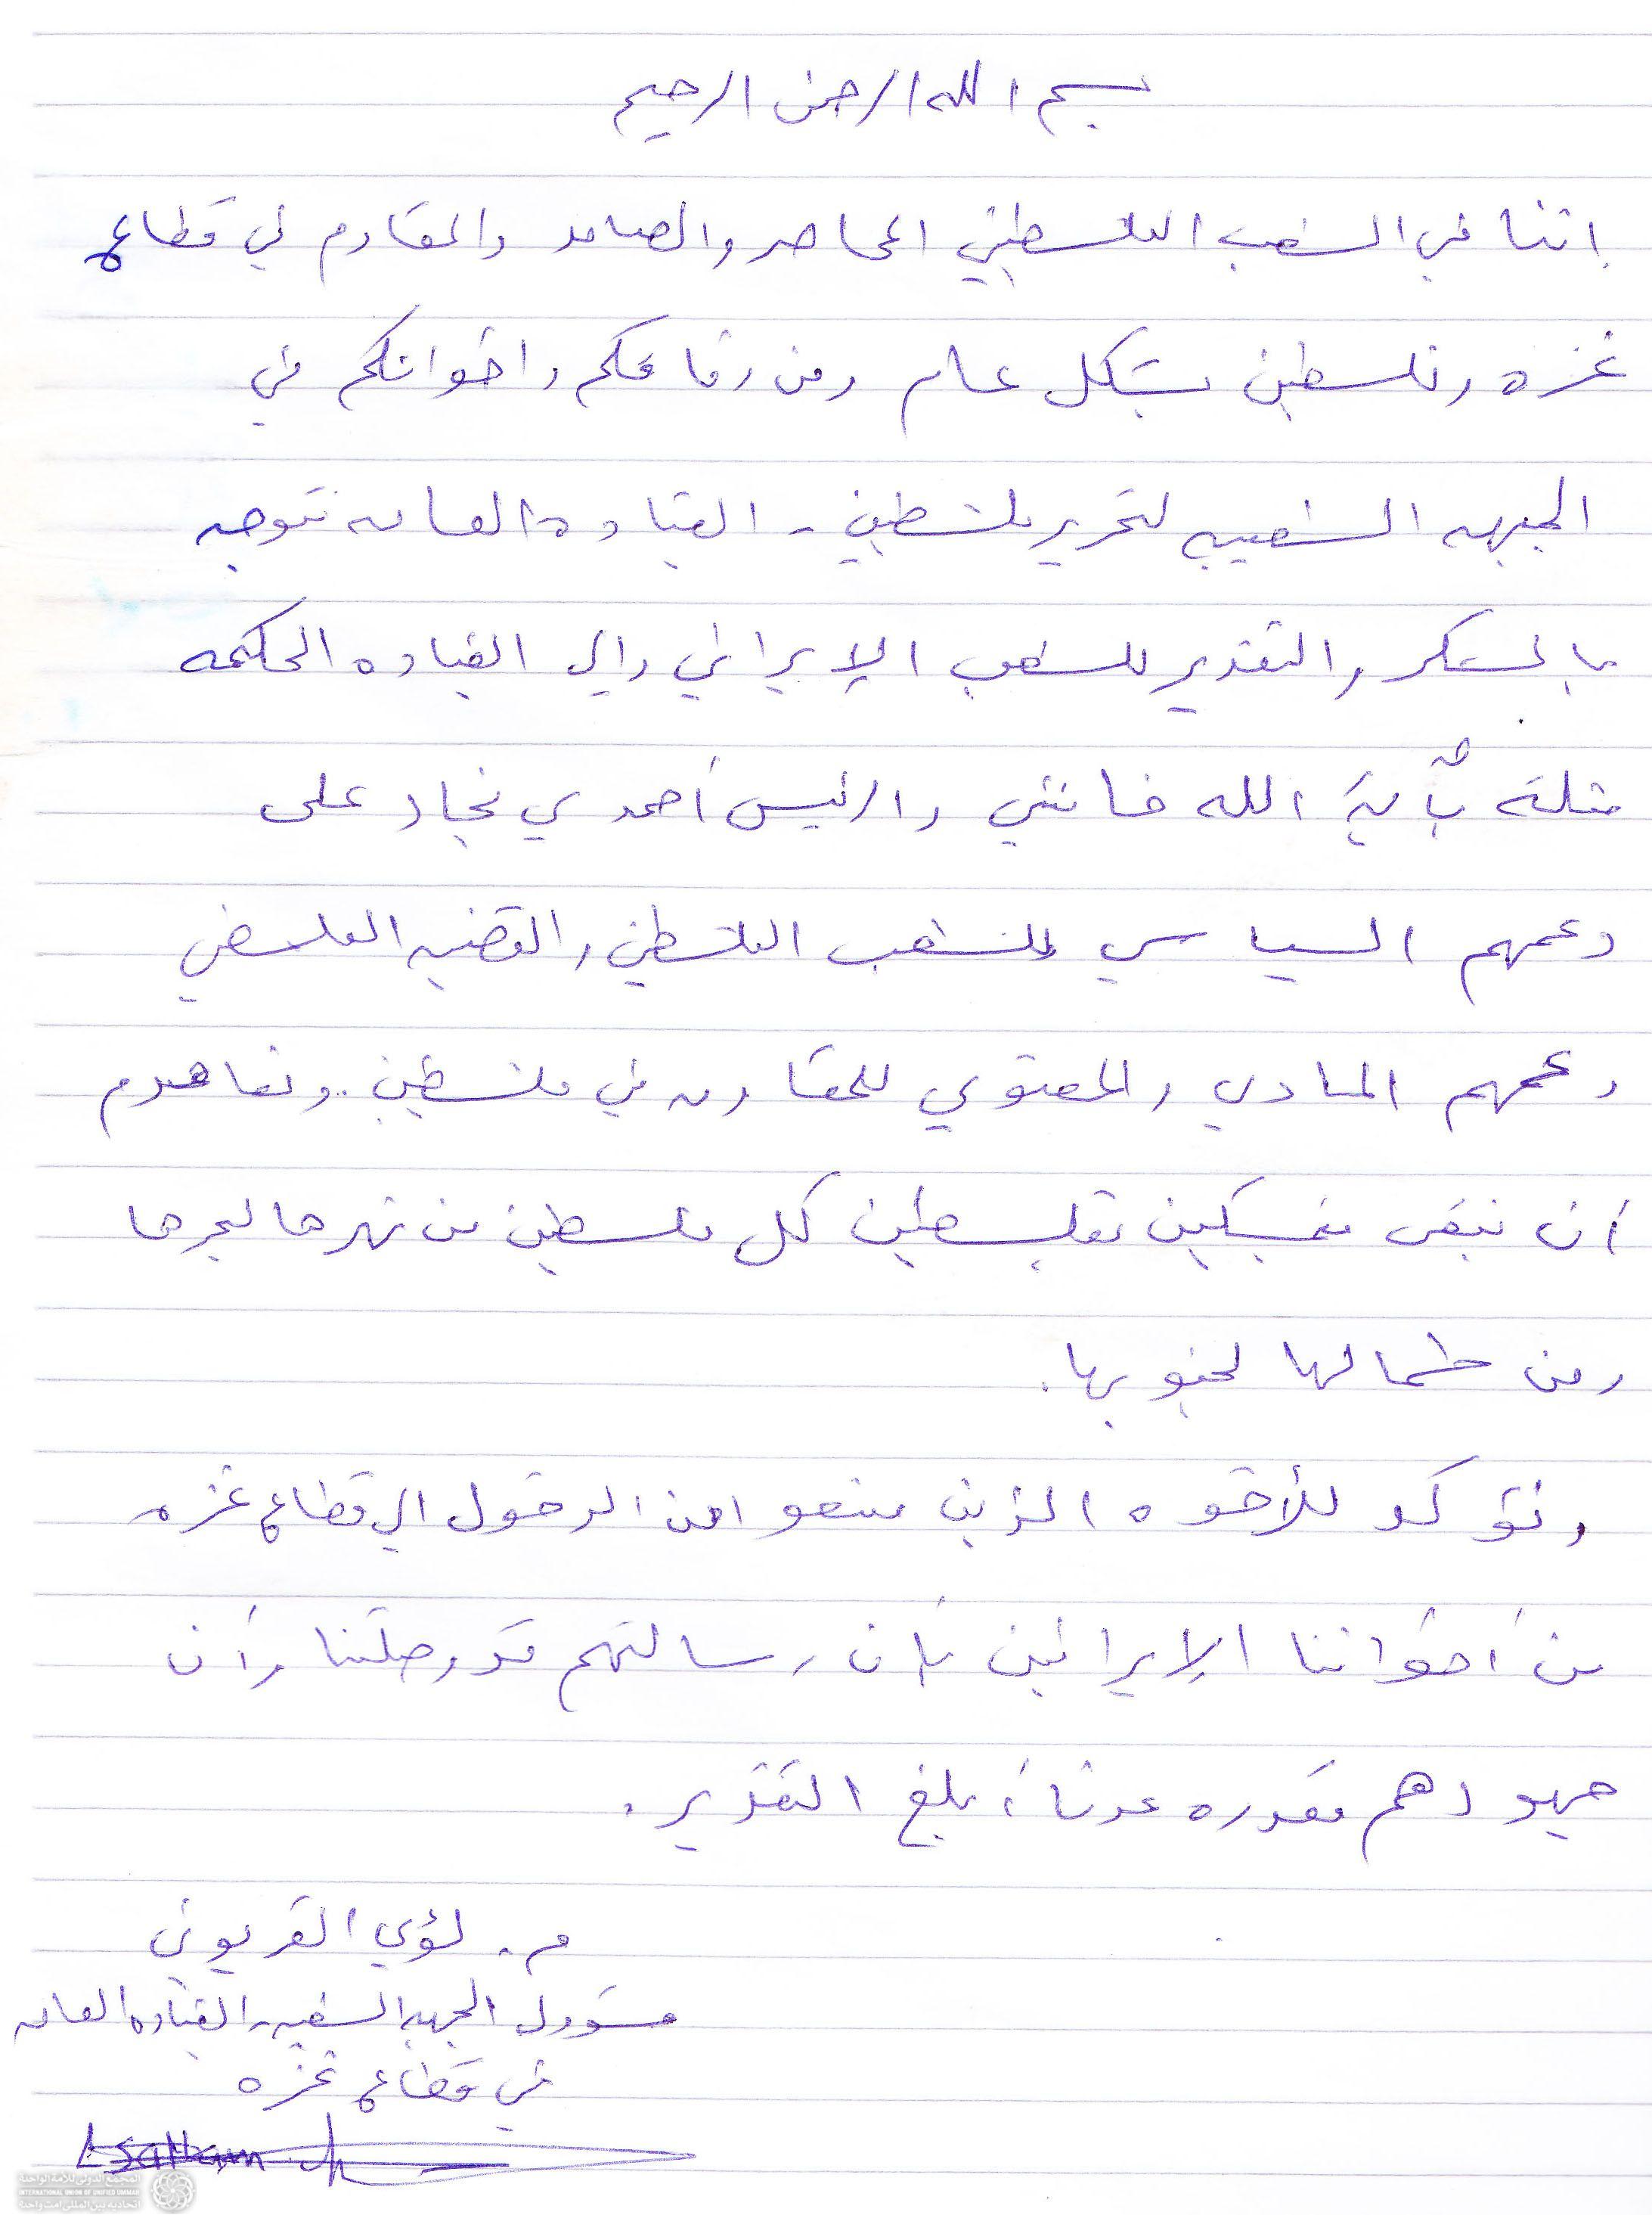 نامه از فلسطین2